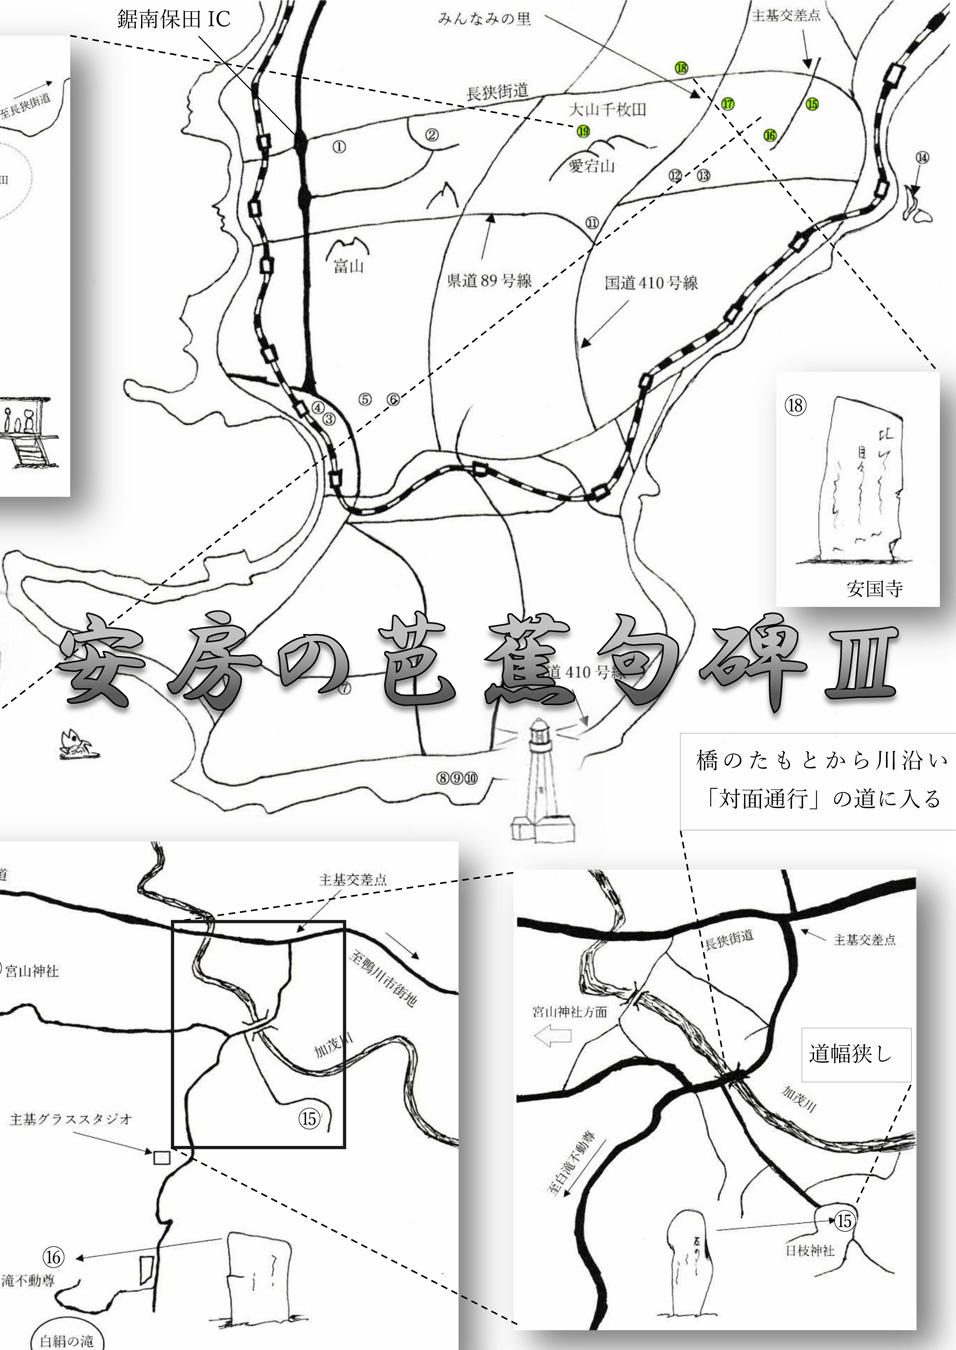 安房の芭蕉句碑【3】(鴨川市)